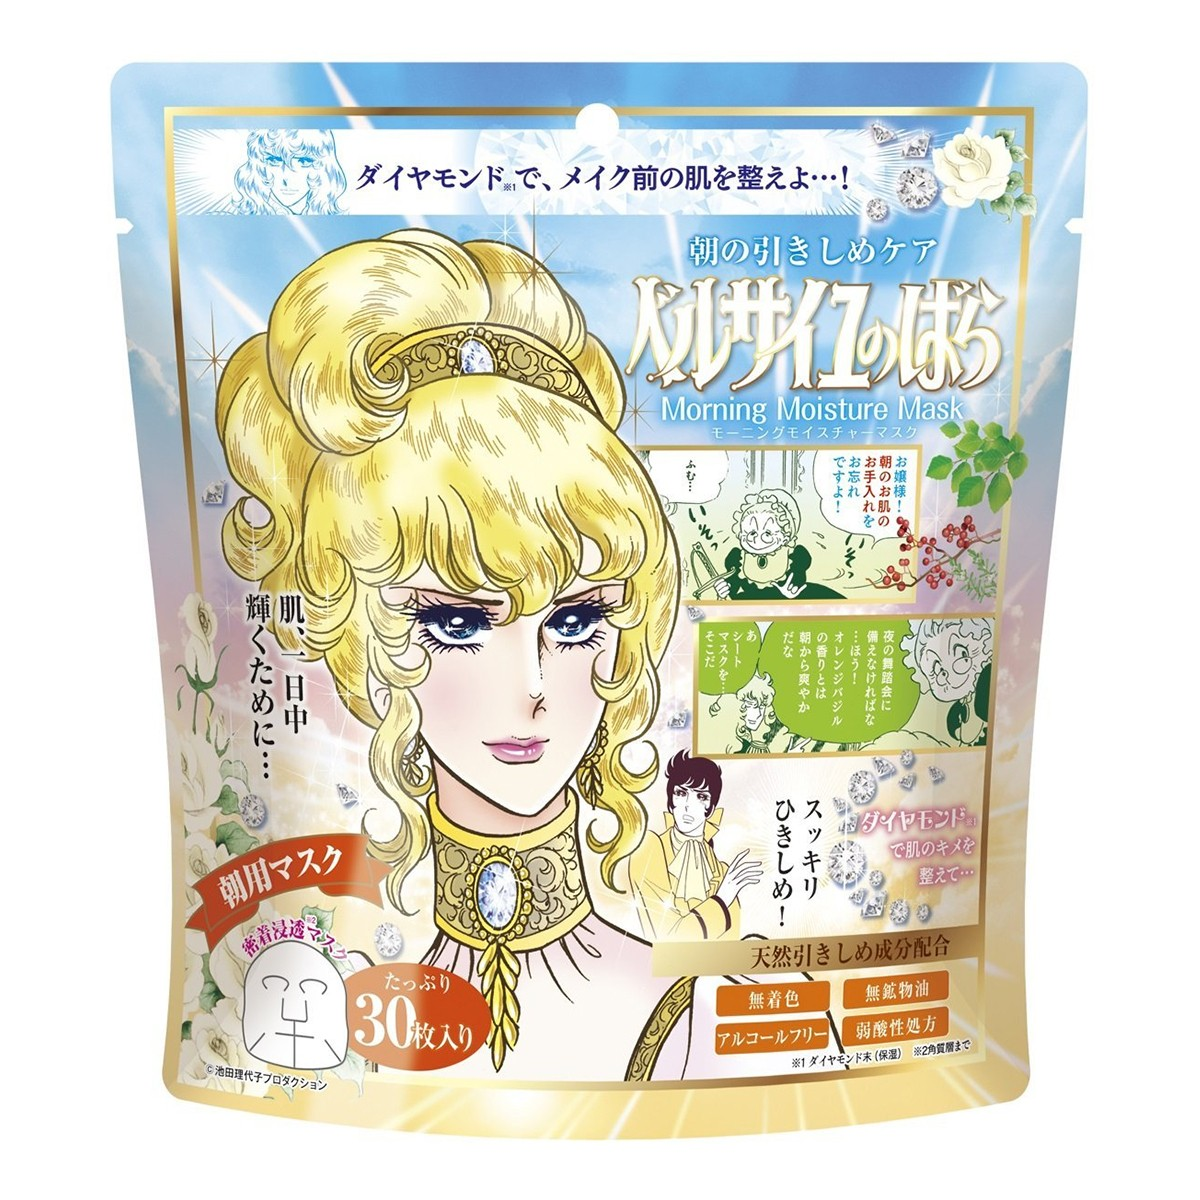 【清仓】日本CREER BEAUTE 凡尔赛玫瑰 早安面膜 30片入